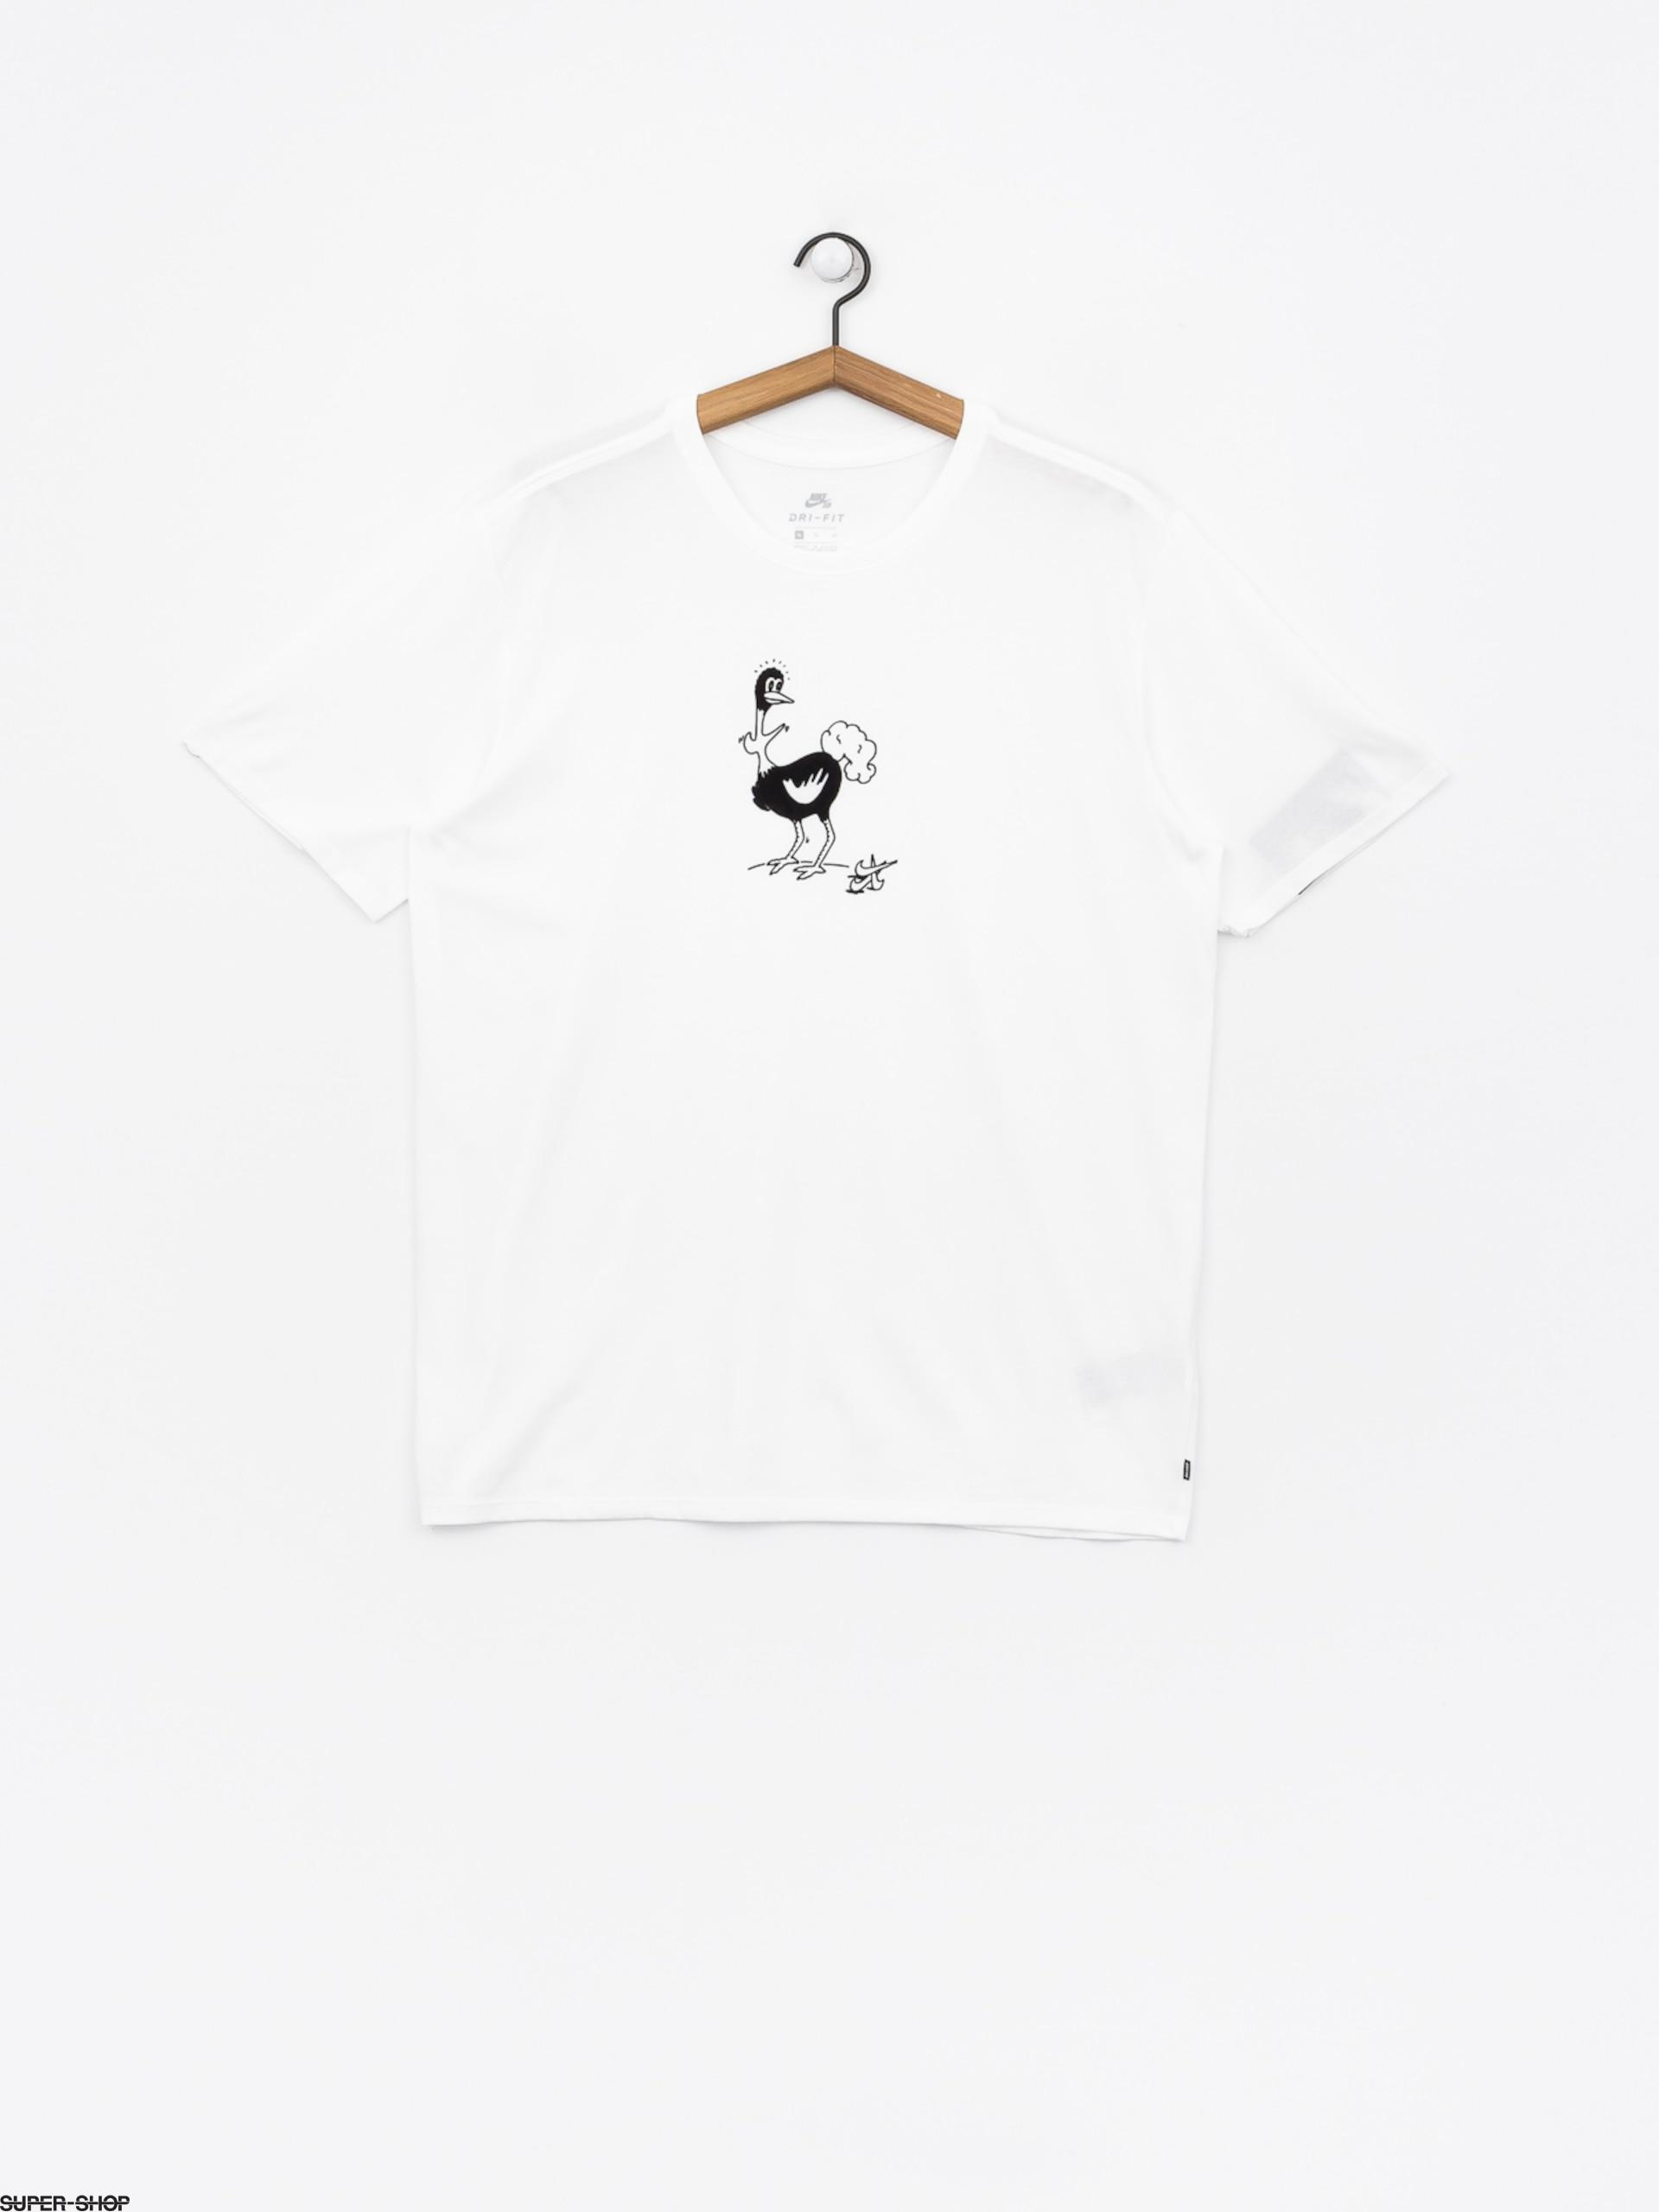 740c4ff53 985448-w1920-nike-sb-tshirt-sb-dry-tee-dfc-ostrich-white-white-black.jpg